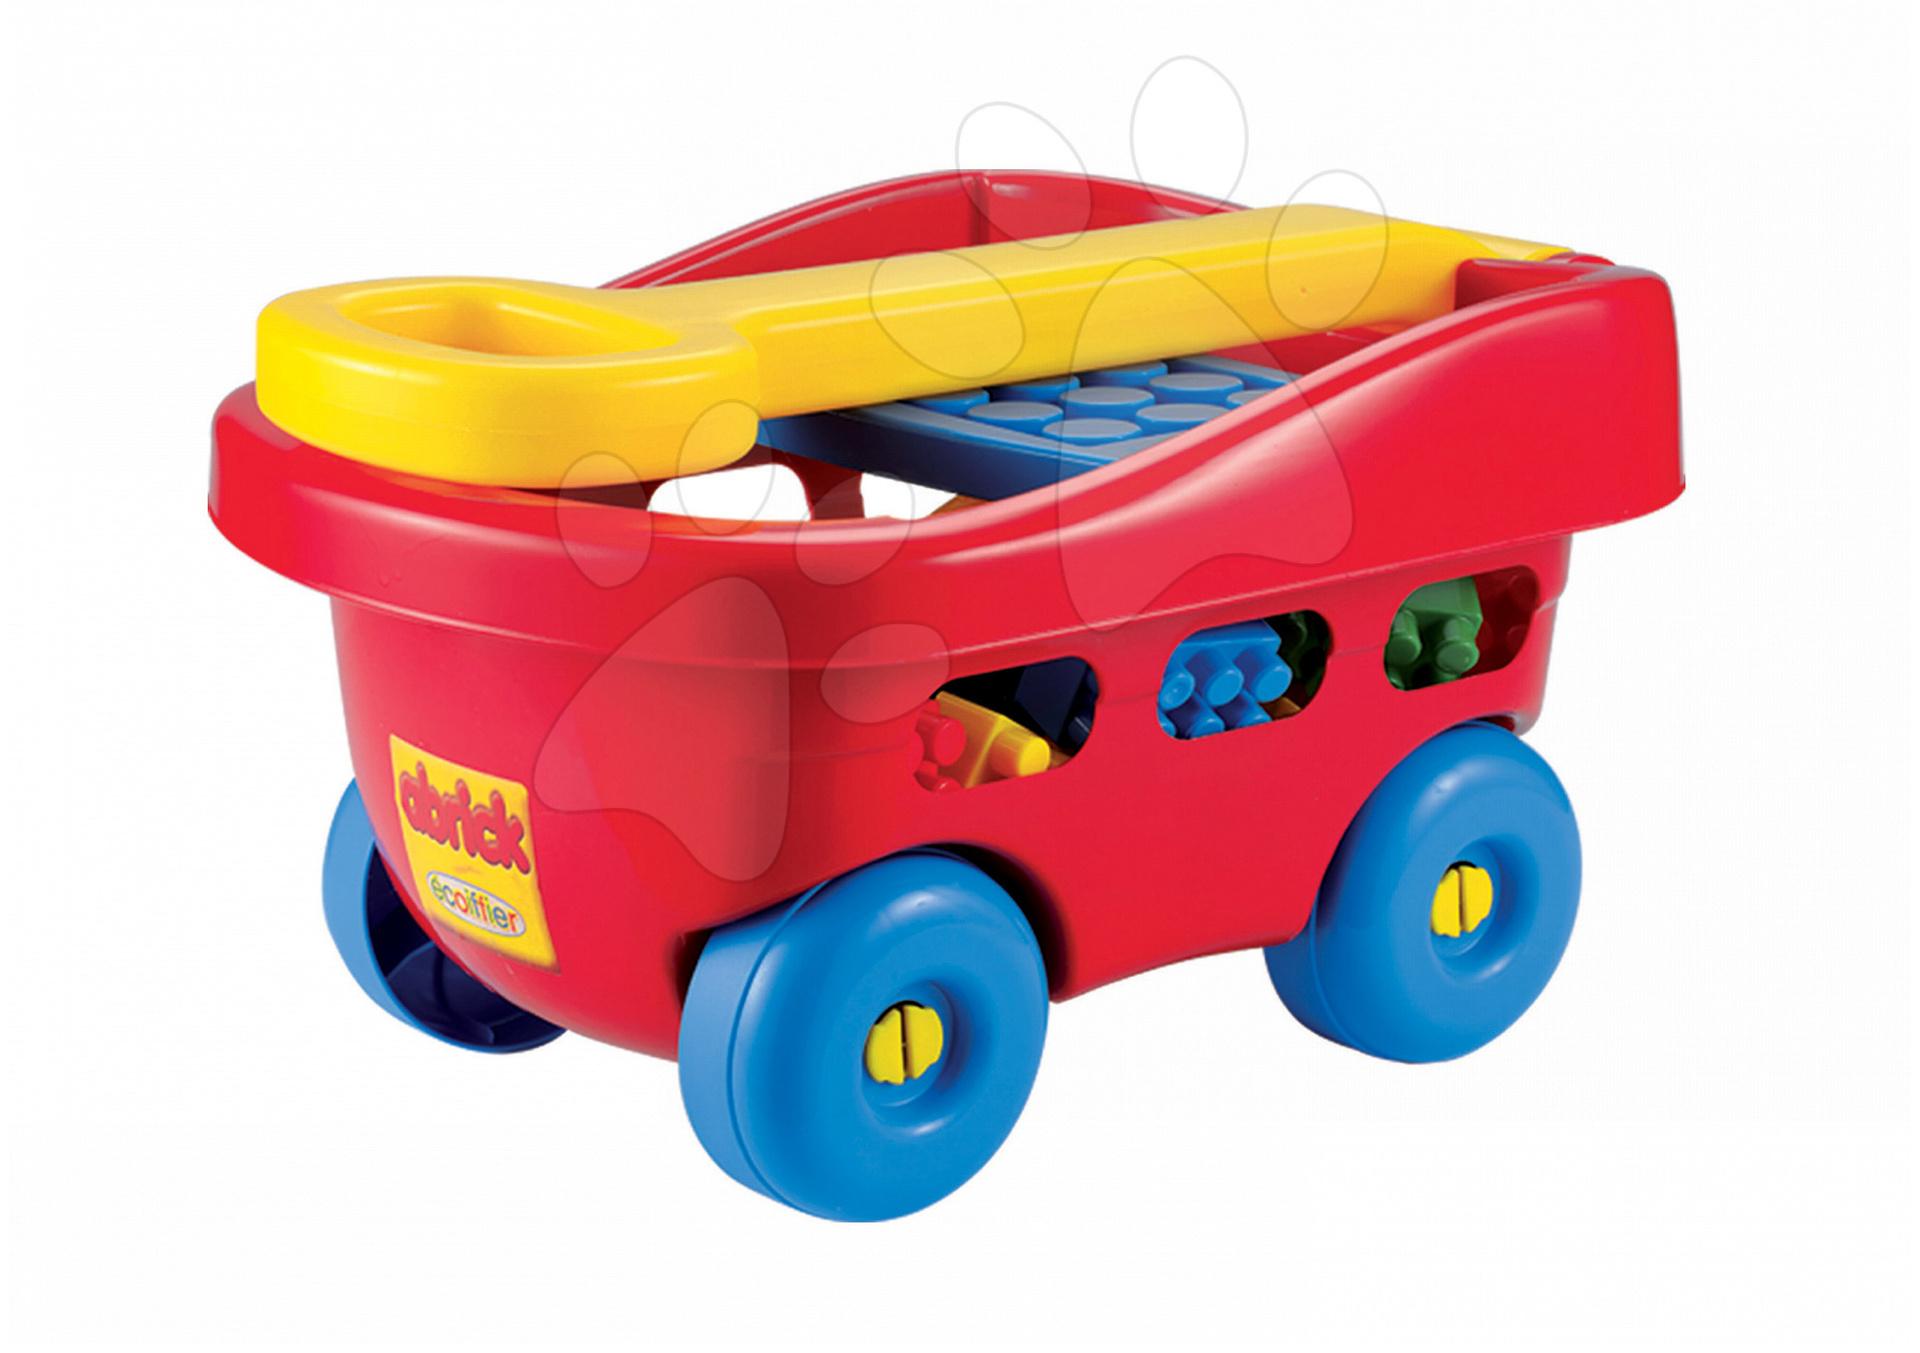 Baba építőjáték és kockák - Kiskocsi építőjátékkal Abrick Écoiffier 60 darabos 12 hó-tól